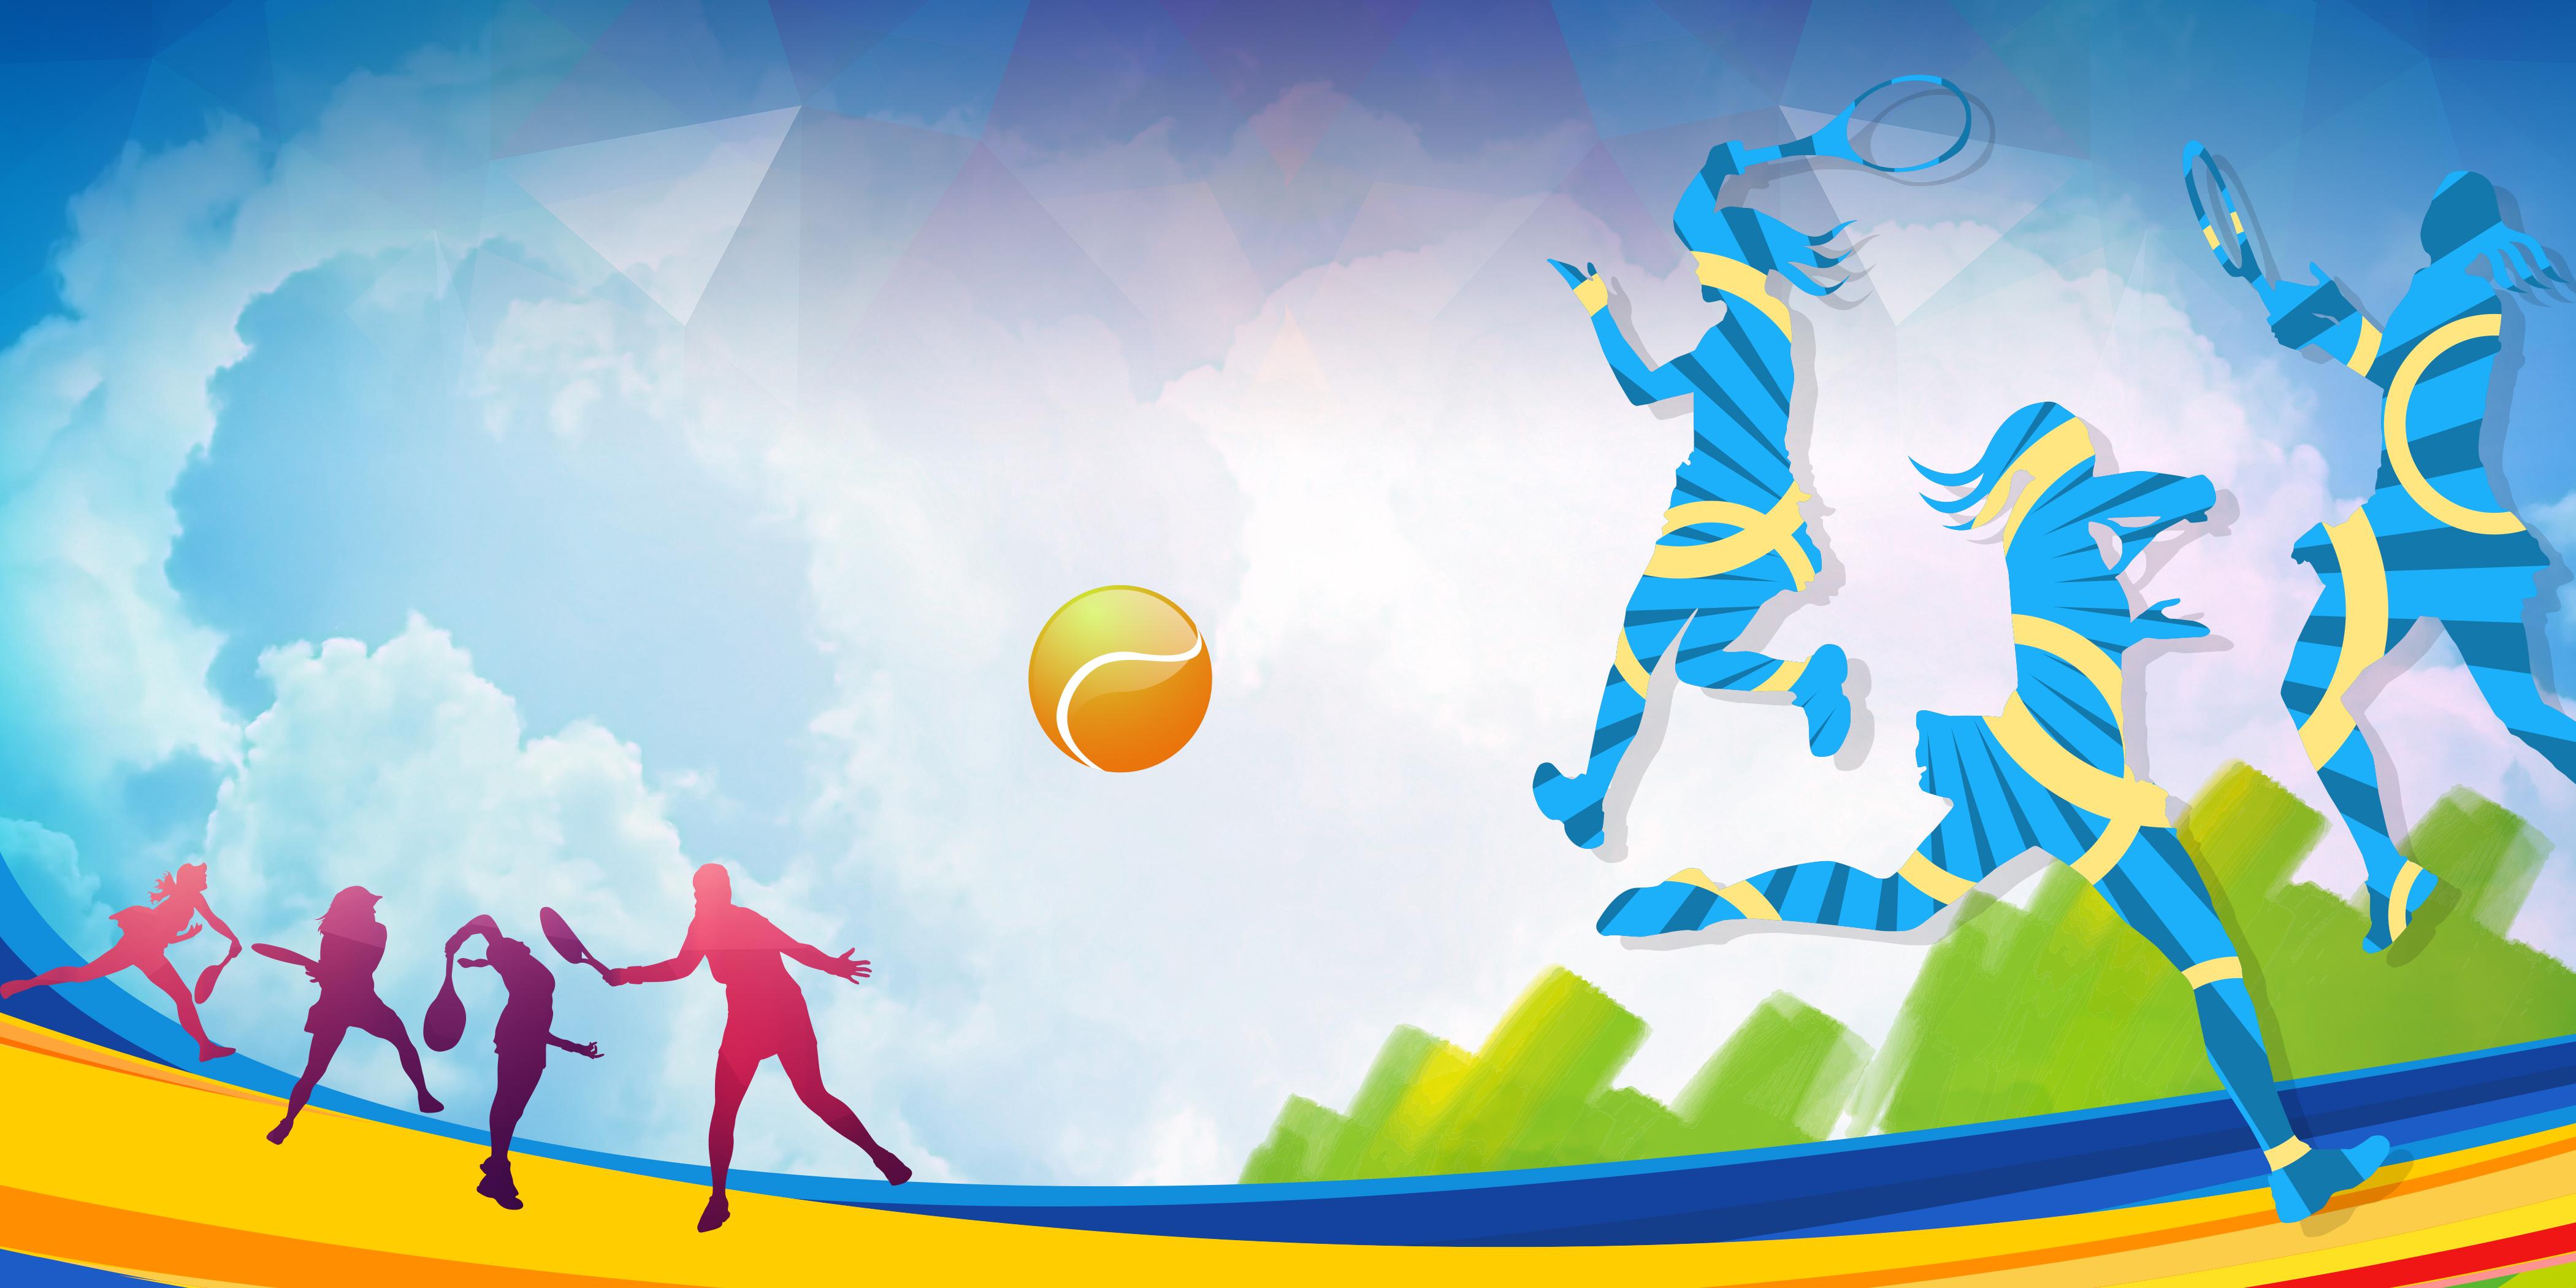 Фон для оформление сайта спортивного картинки